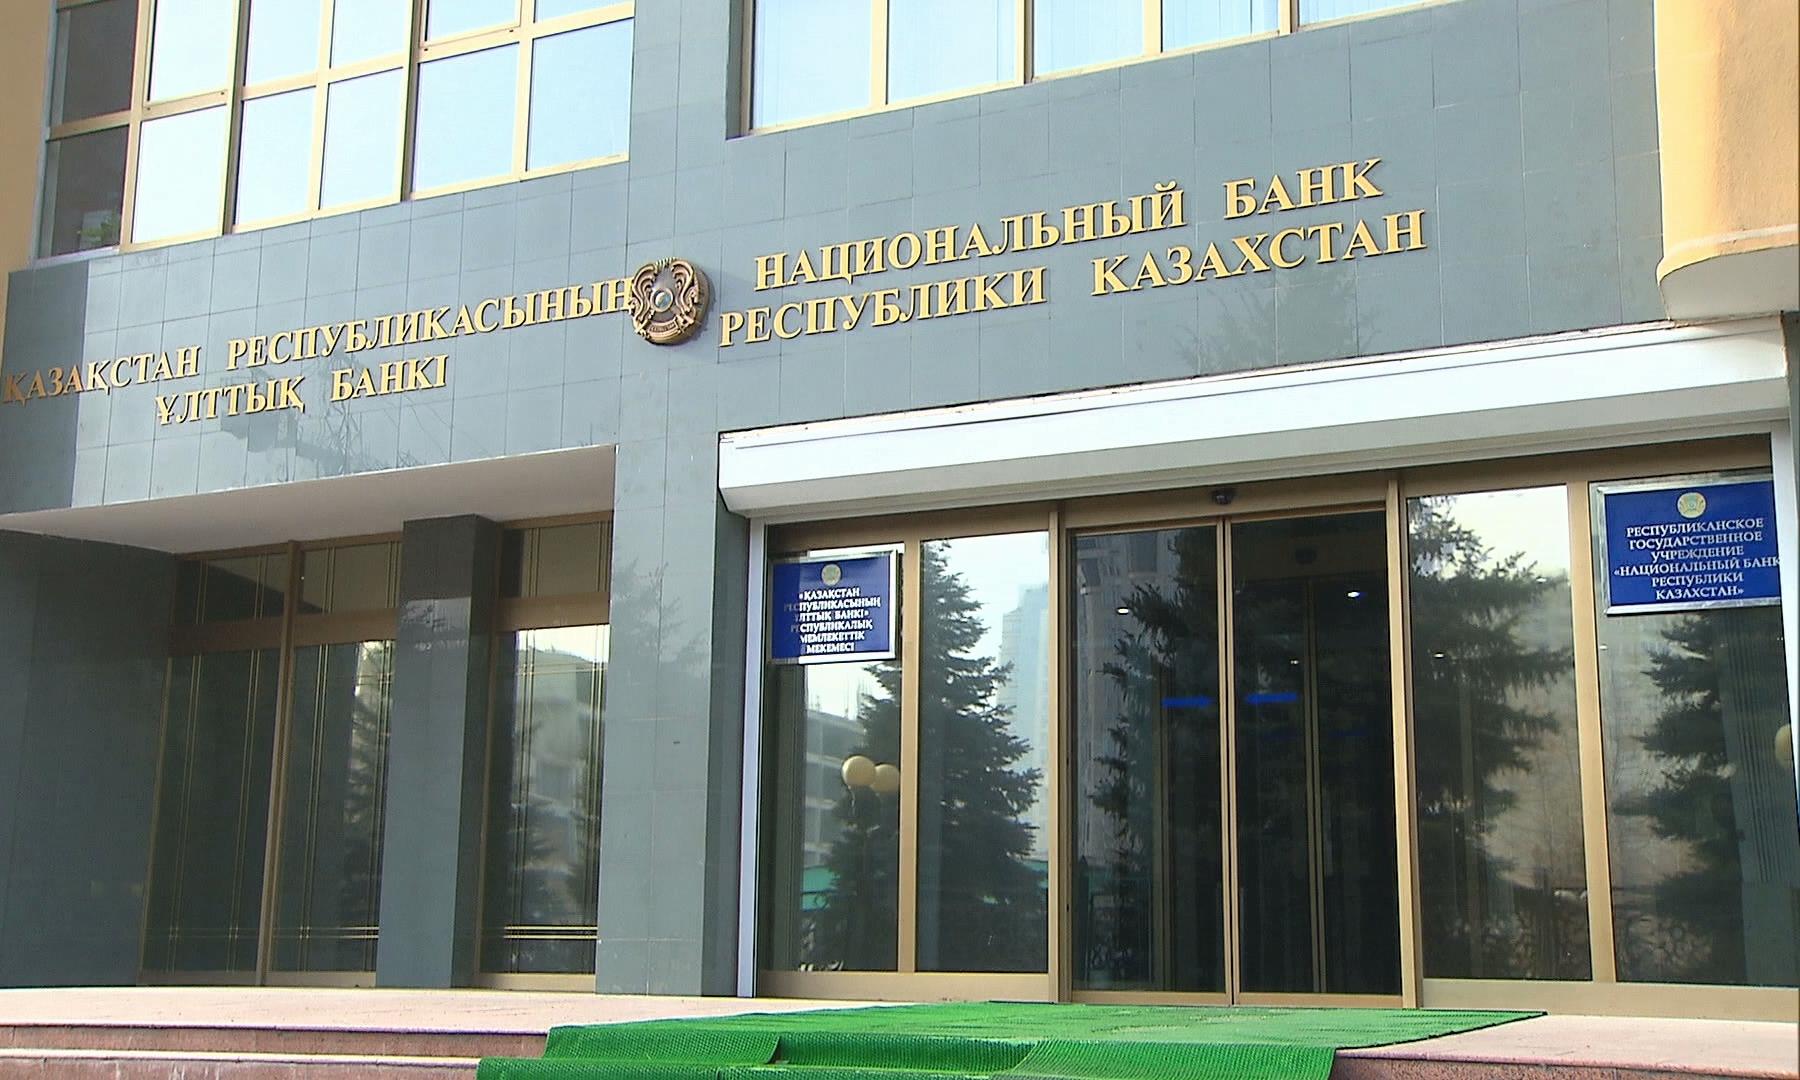 Нацбанк РК ответил на депутатский запрос о выборе внешних управляющих пенсионными активами ЕНПФ